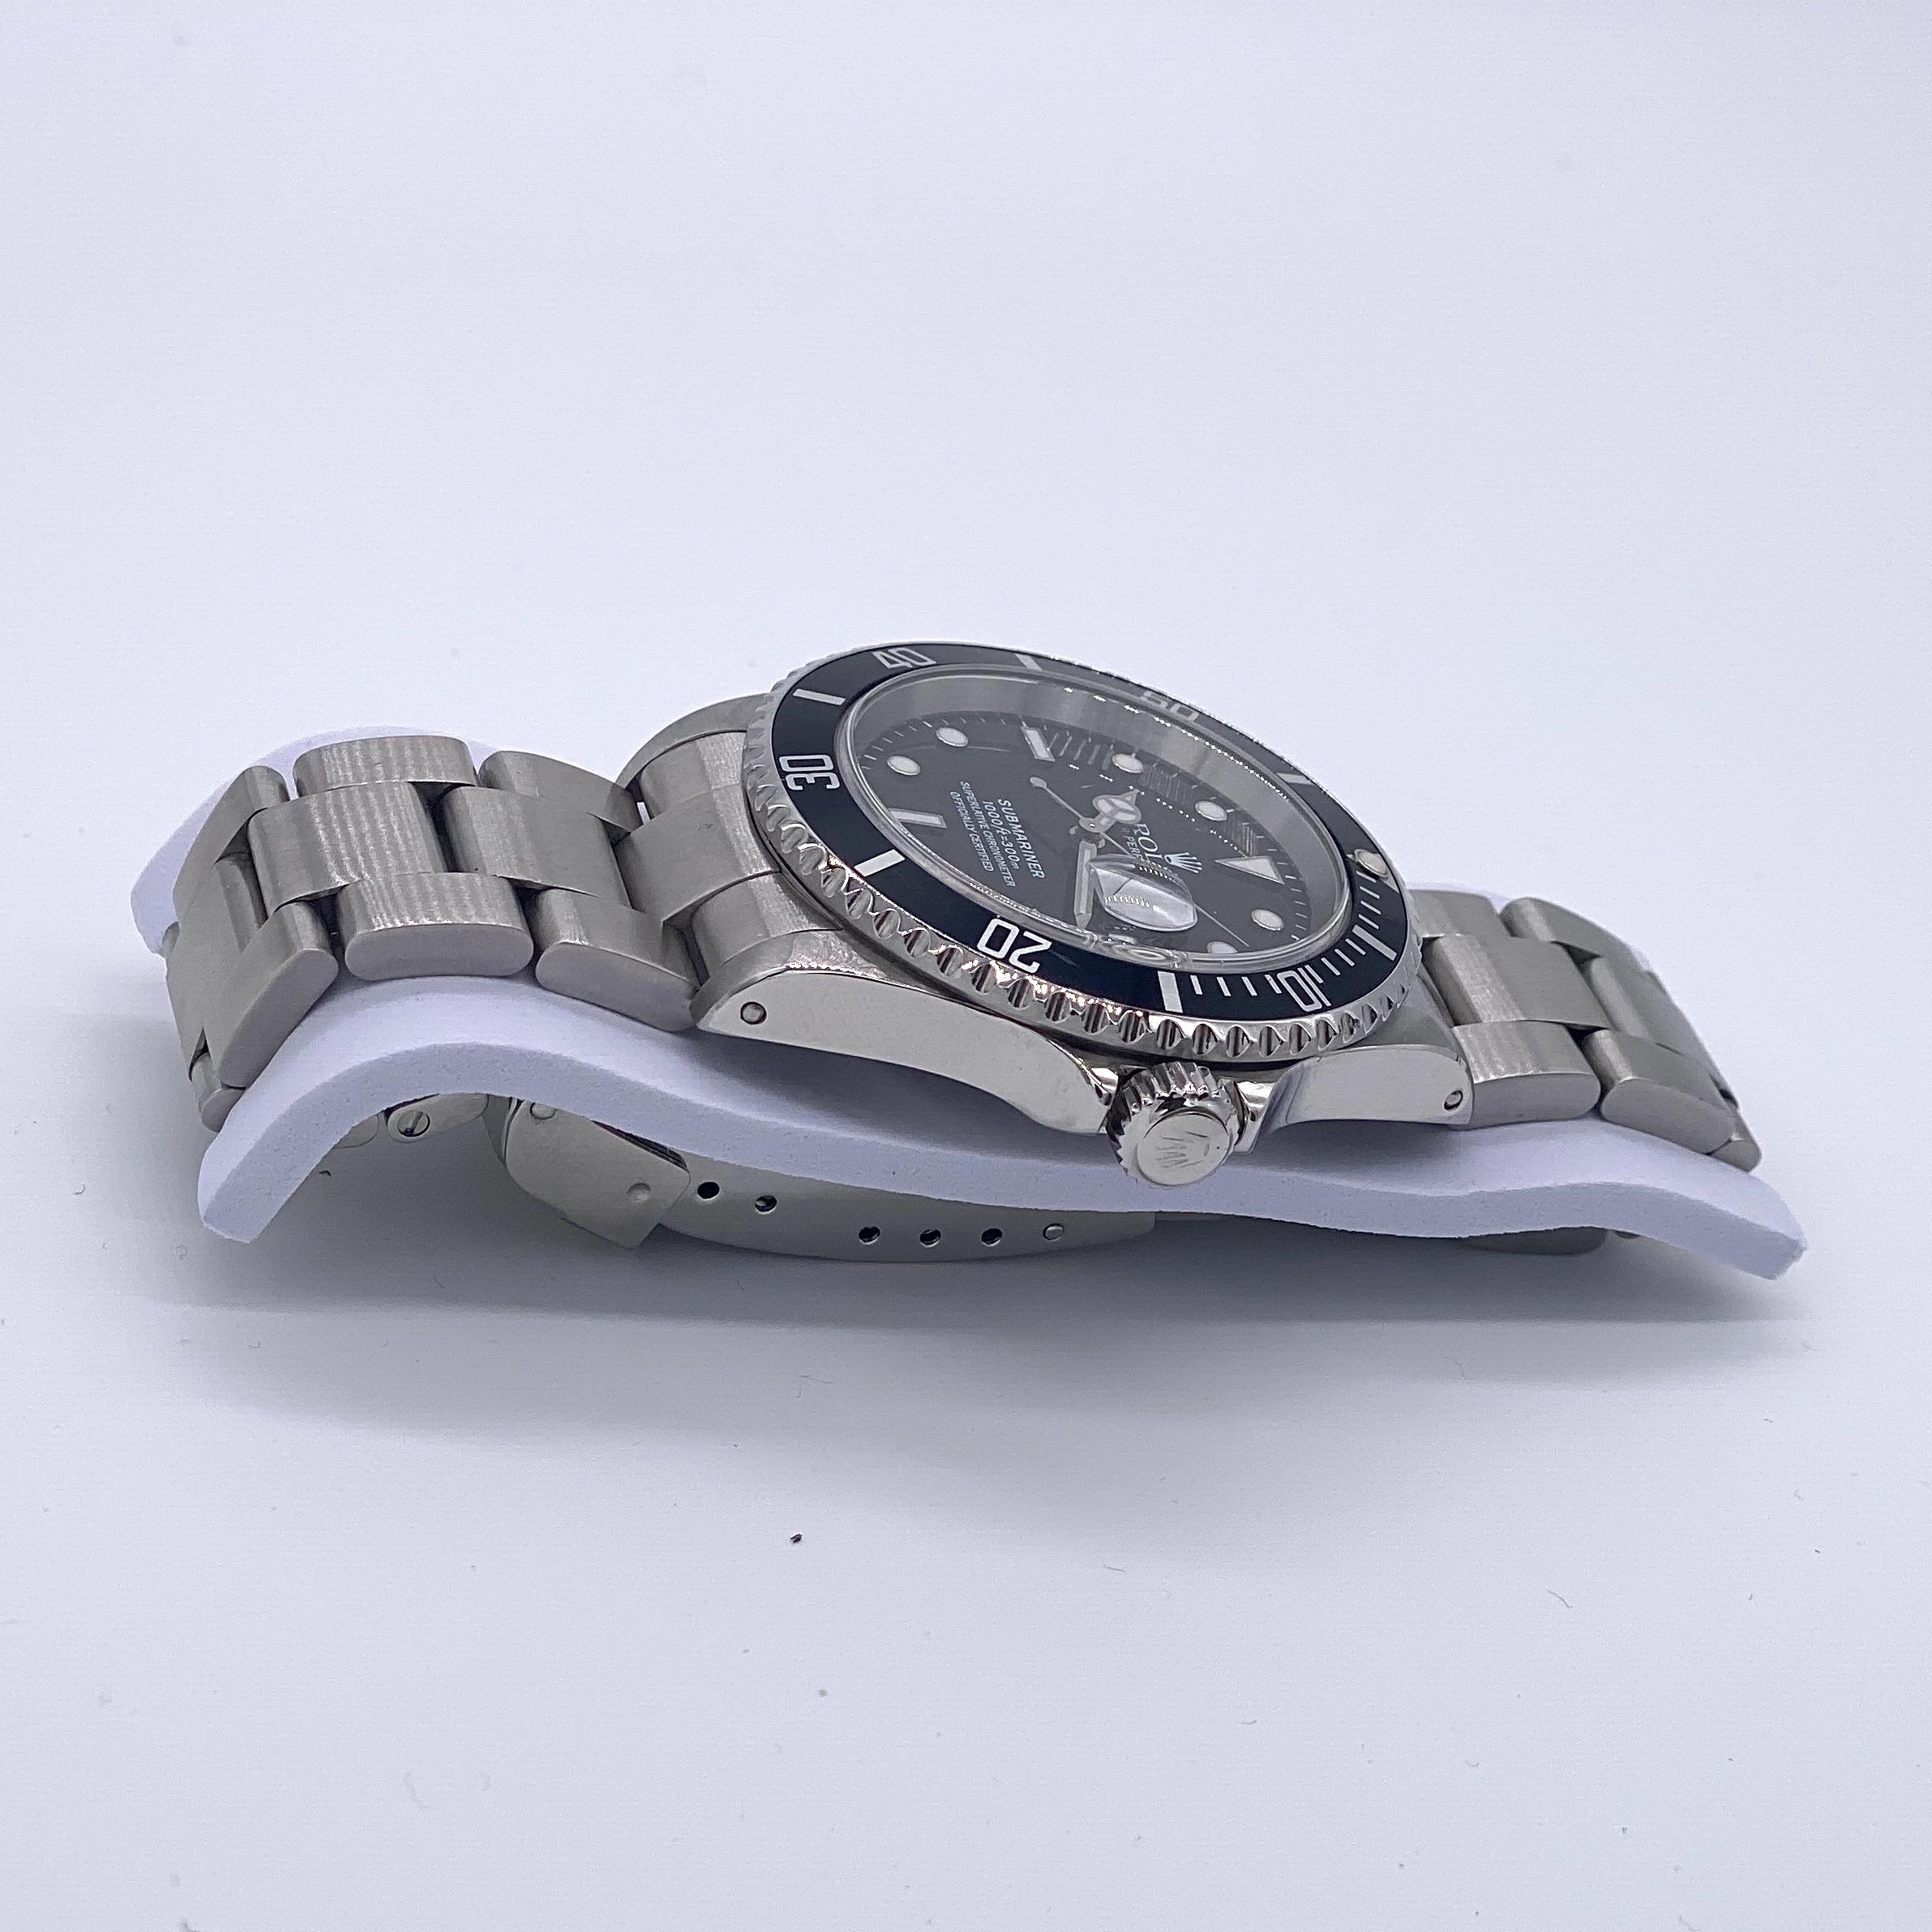 Lot 2 - Rolex Submariner 16610